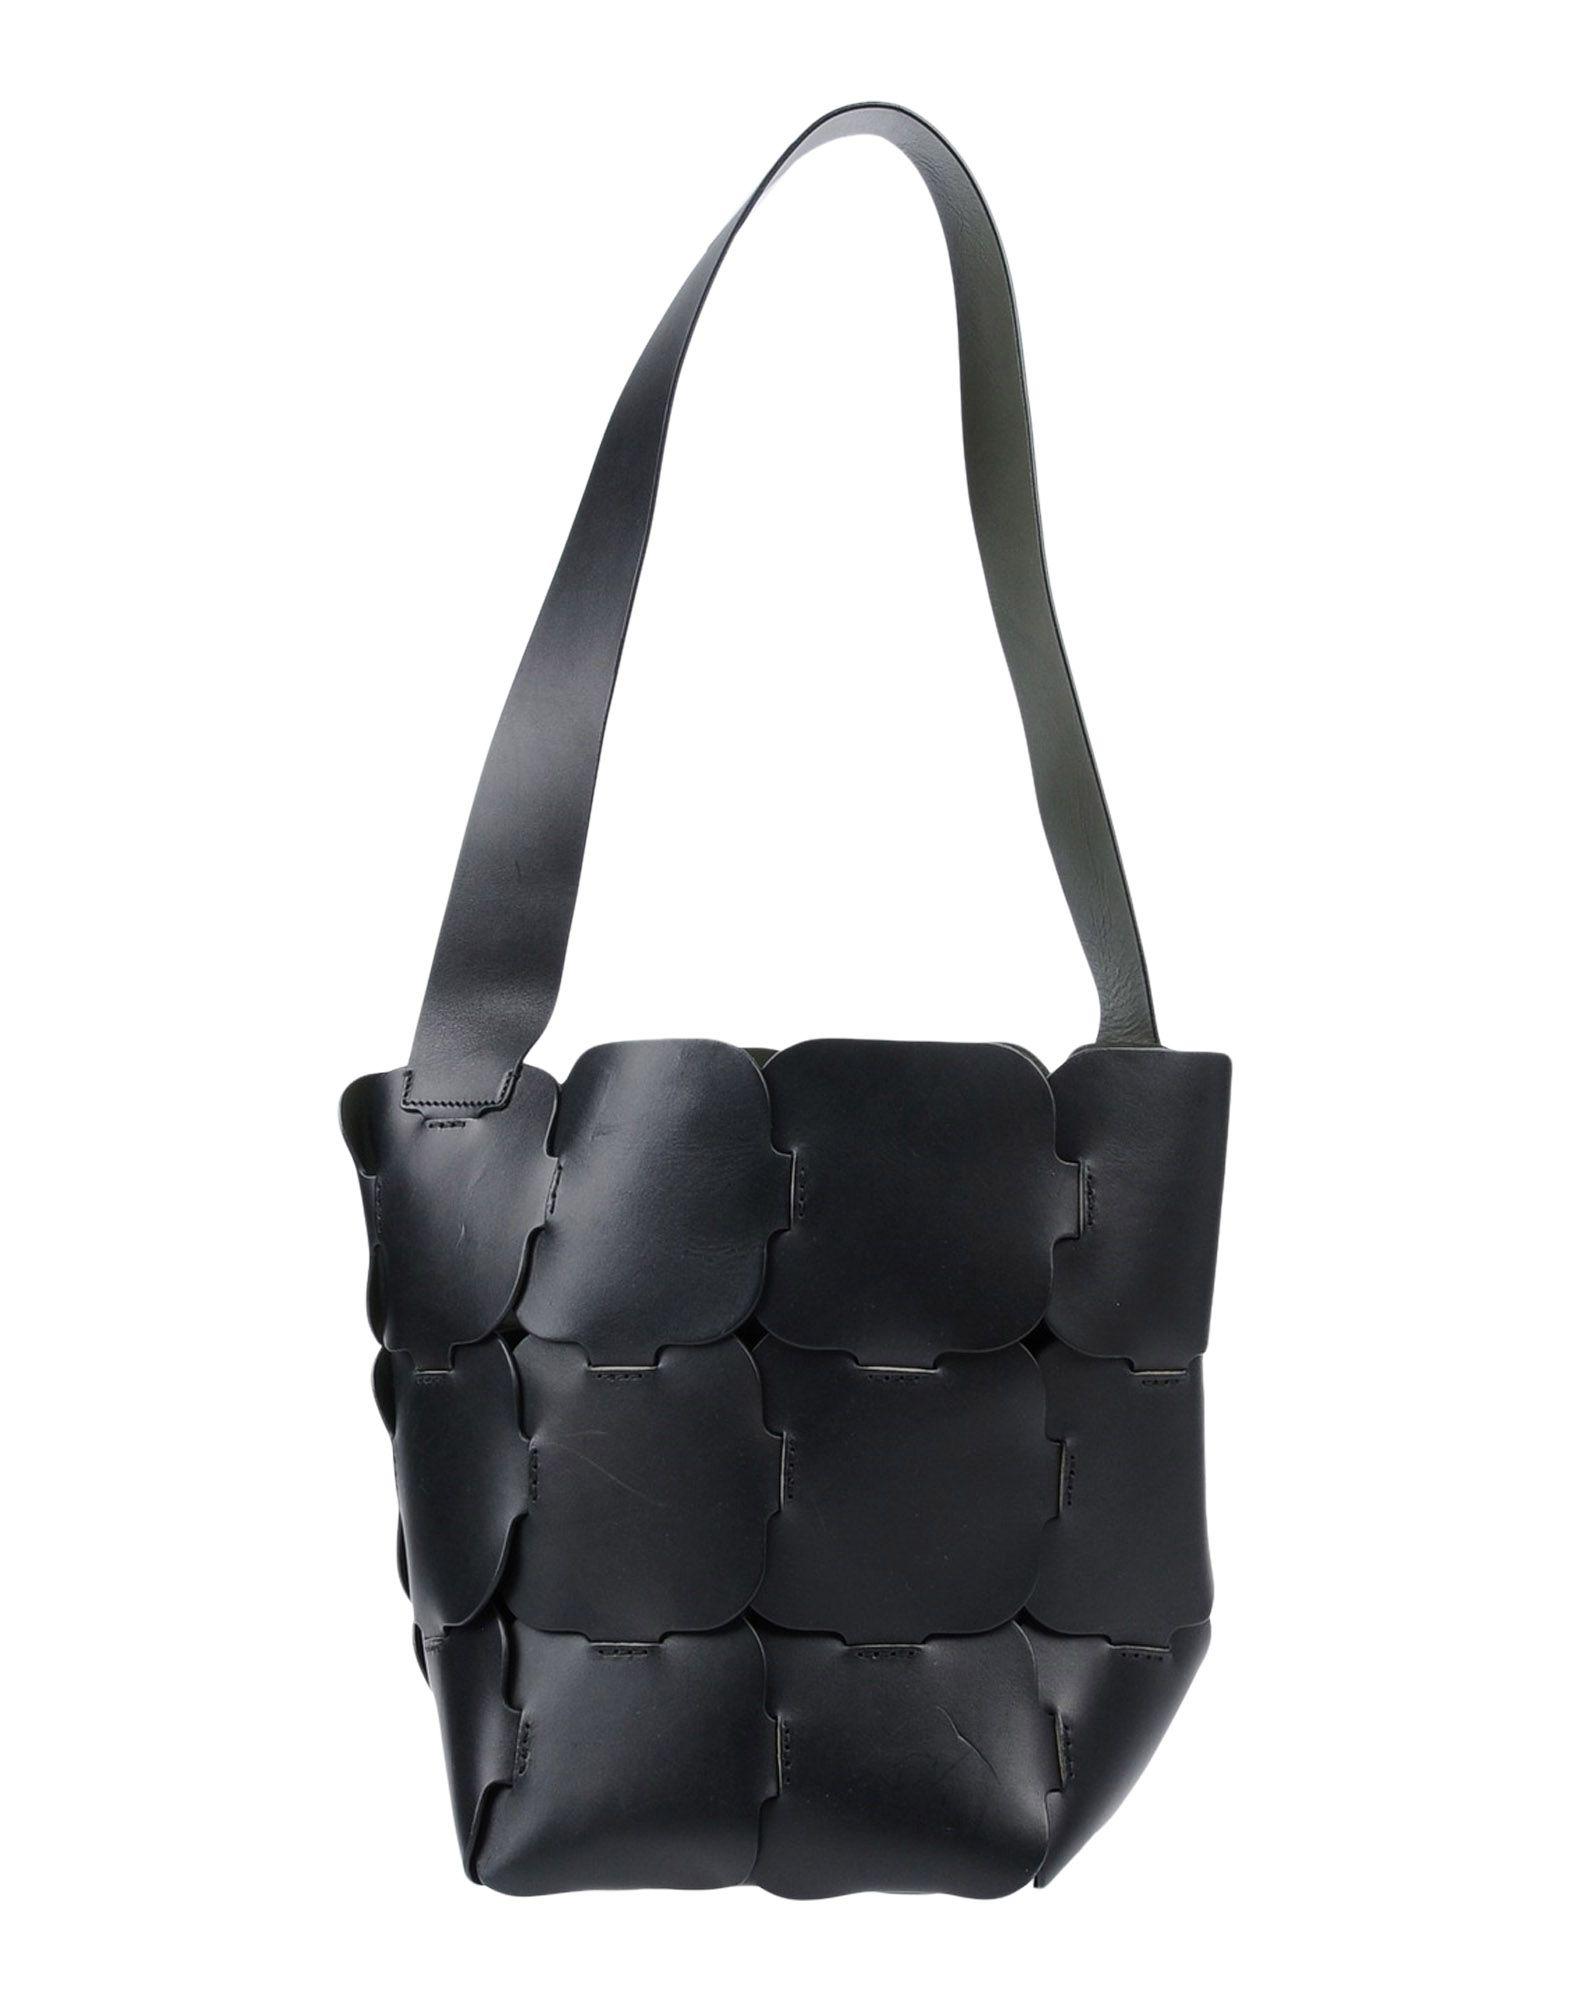 《送料無料》PACO RABANNE レディース 肩掛けバッグ ブラック 革